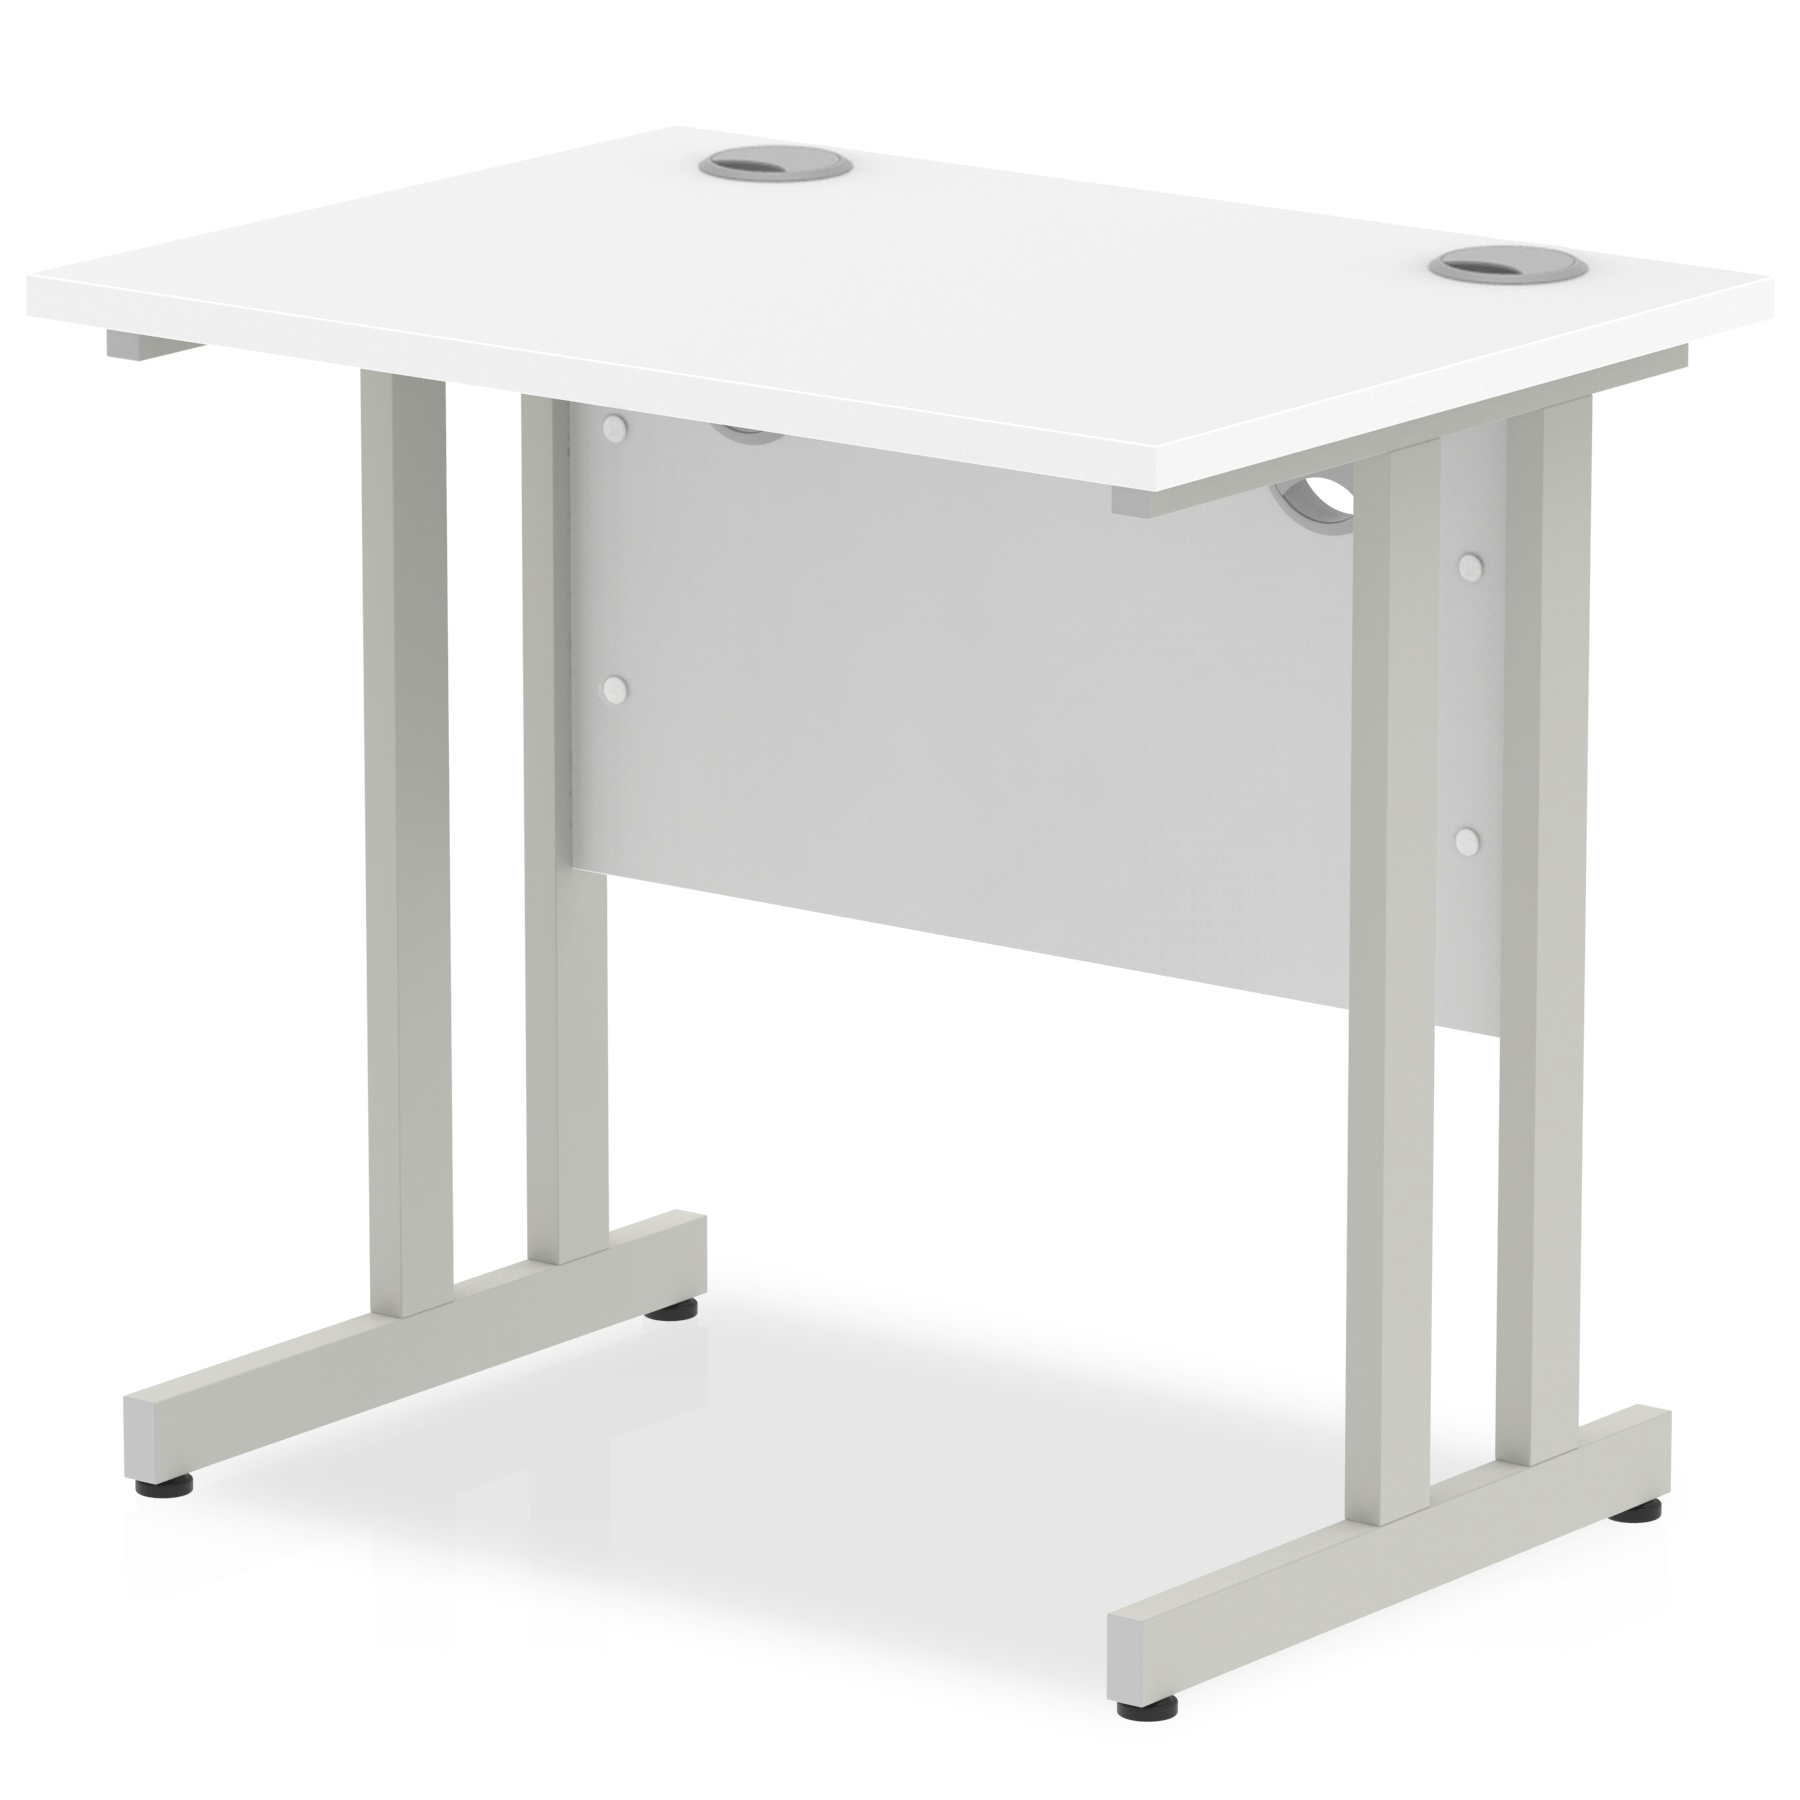 Trexus Desk Rectangle Cantilever Silver Leg 800x600mm White Ref MI002894